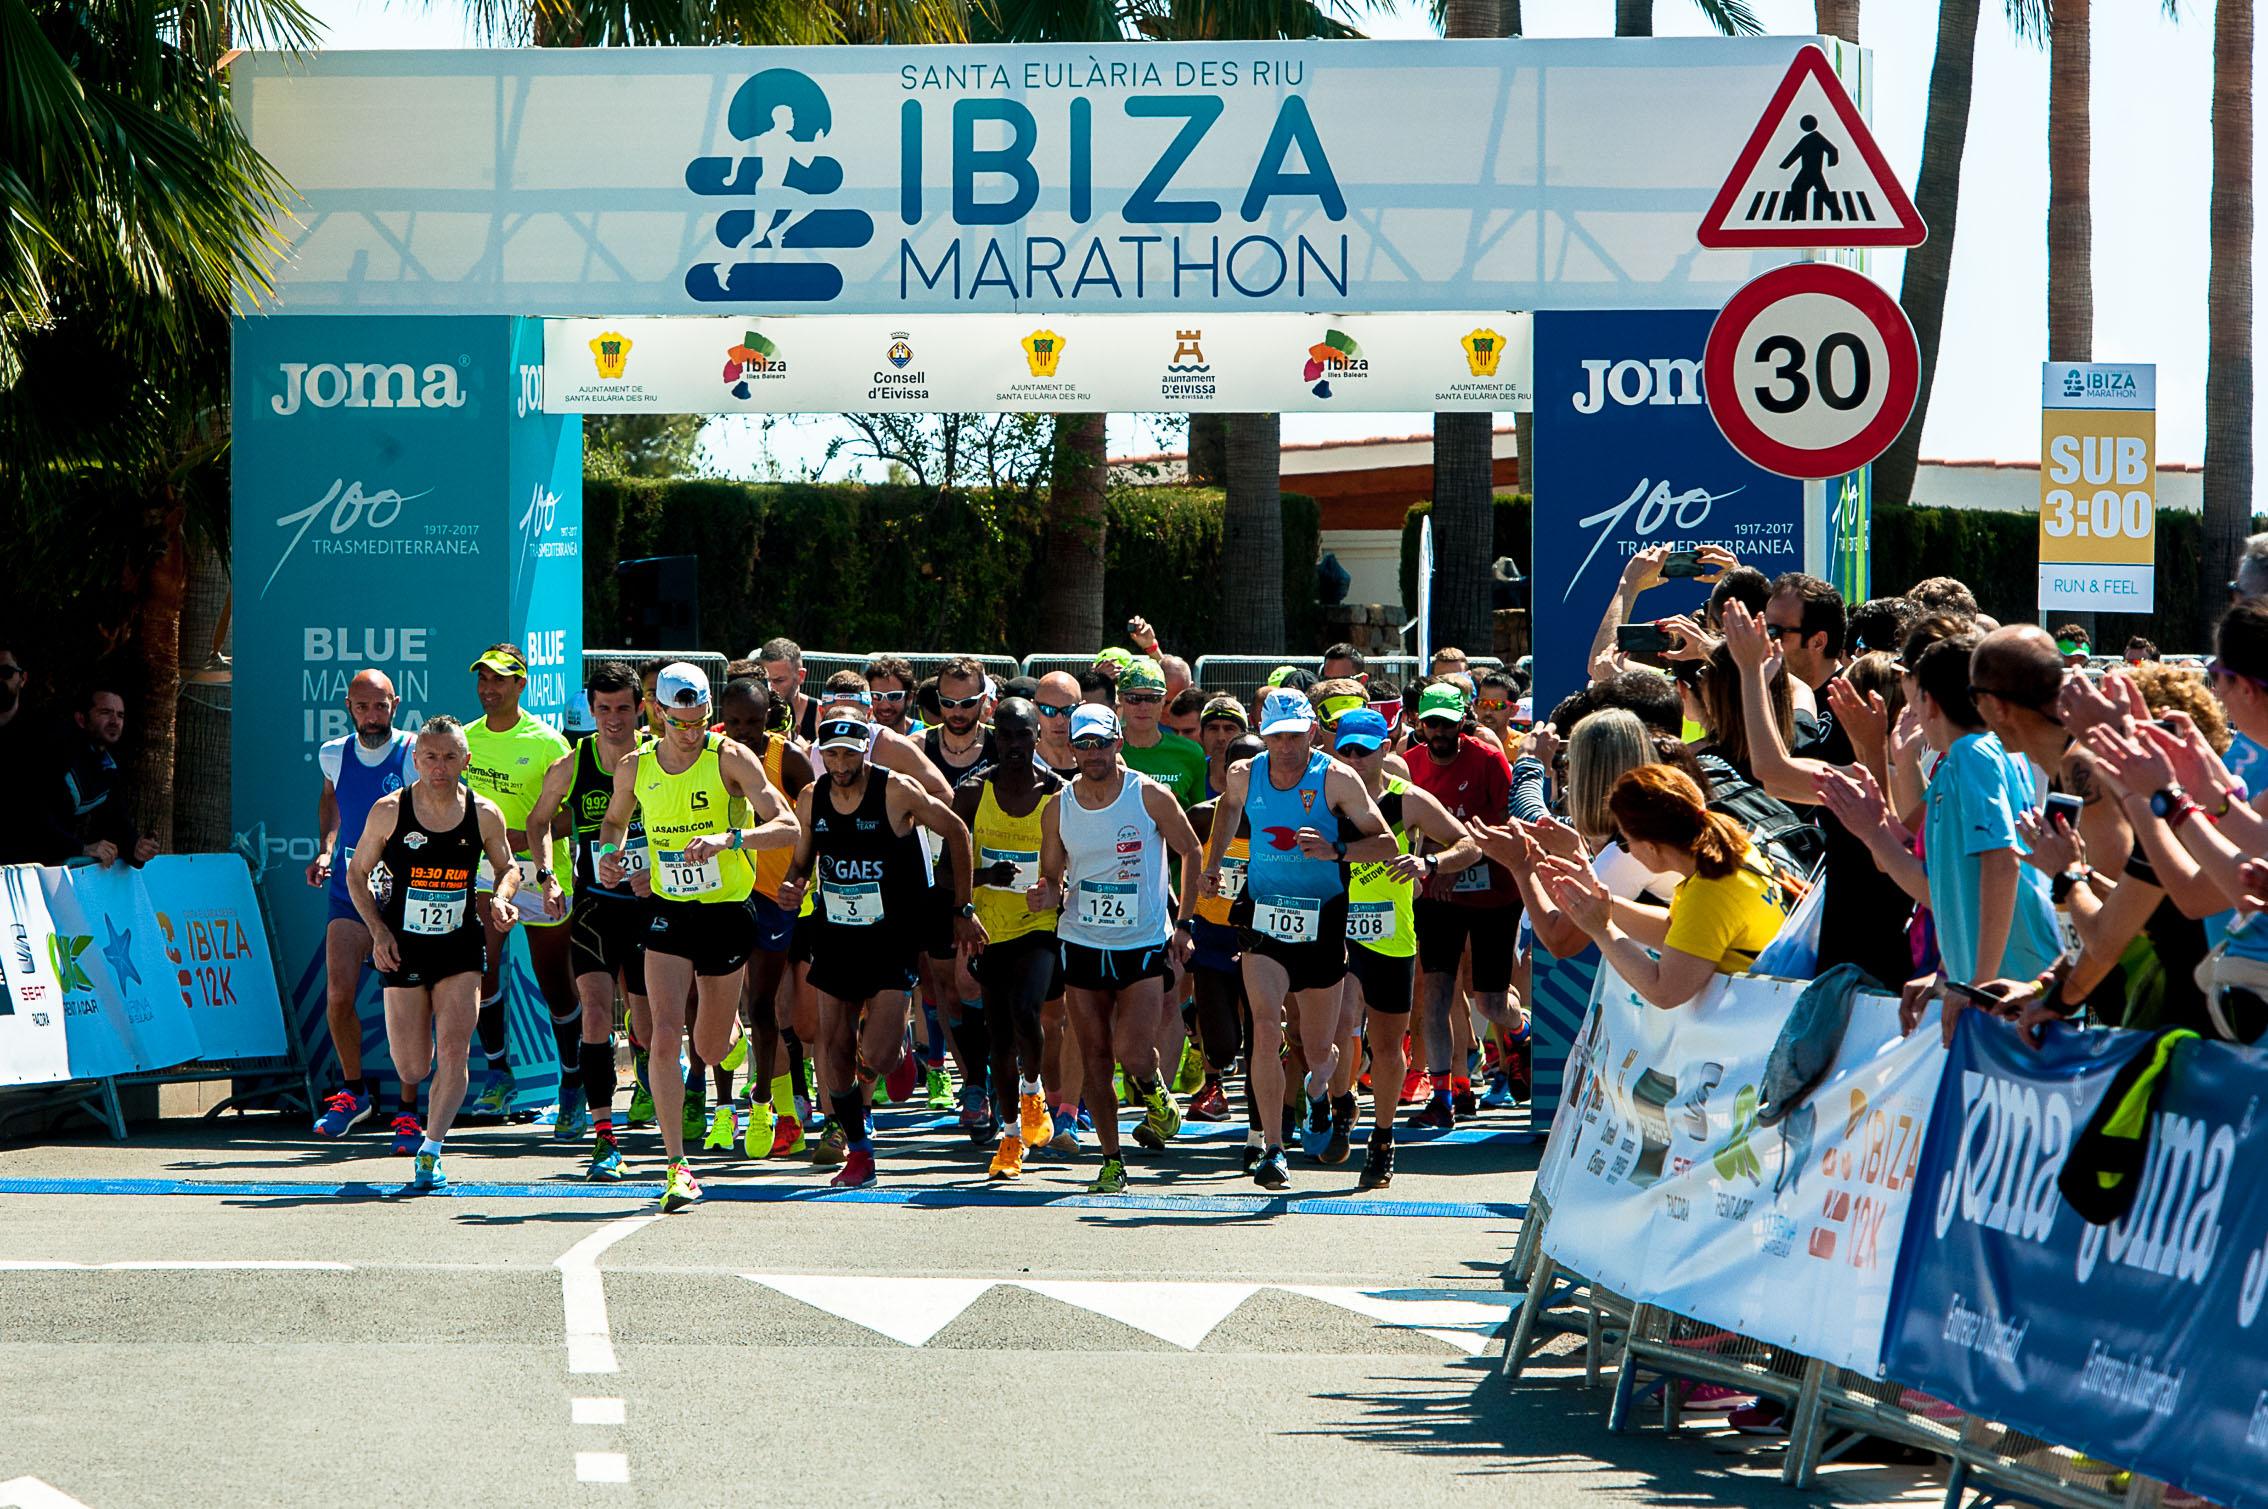 a1f4ce32a5 Ibiza Marathon e Ibiza 12k - Aparthotel Duquesa Playa Santa Eulalia